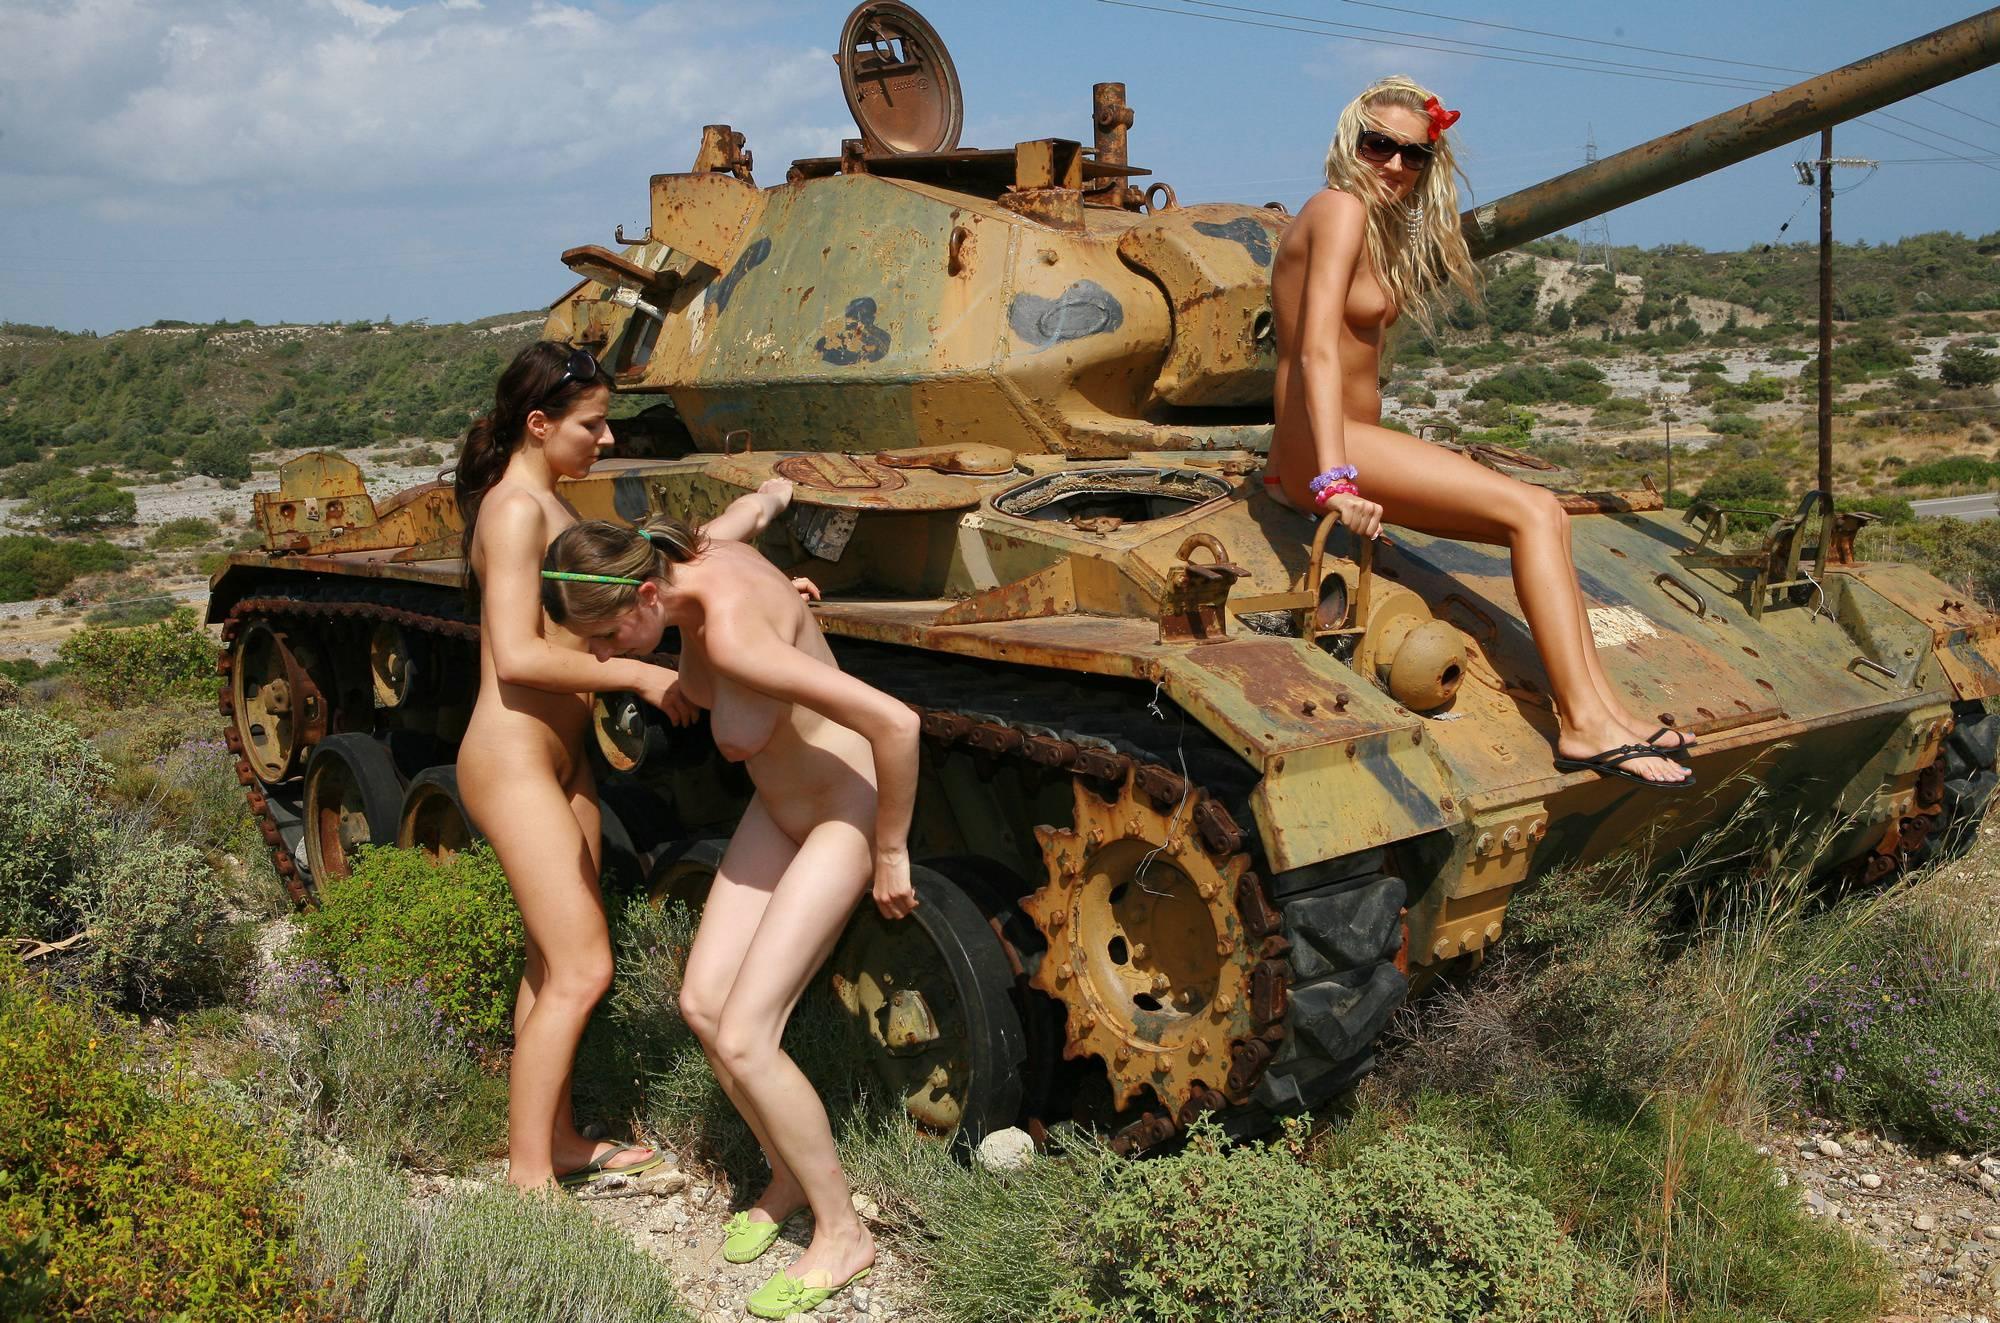 Nudist Gallery Greek Military Tank Gals - 2